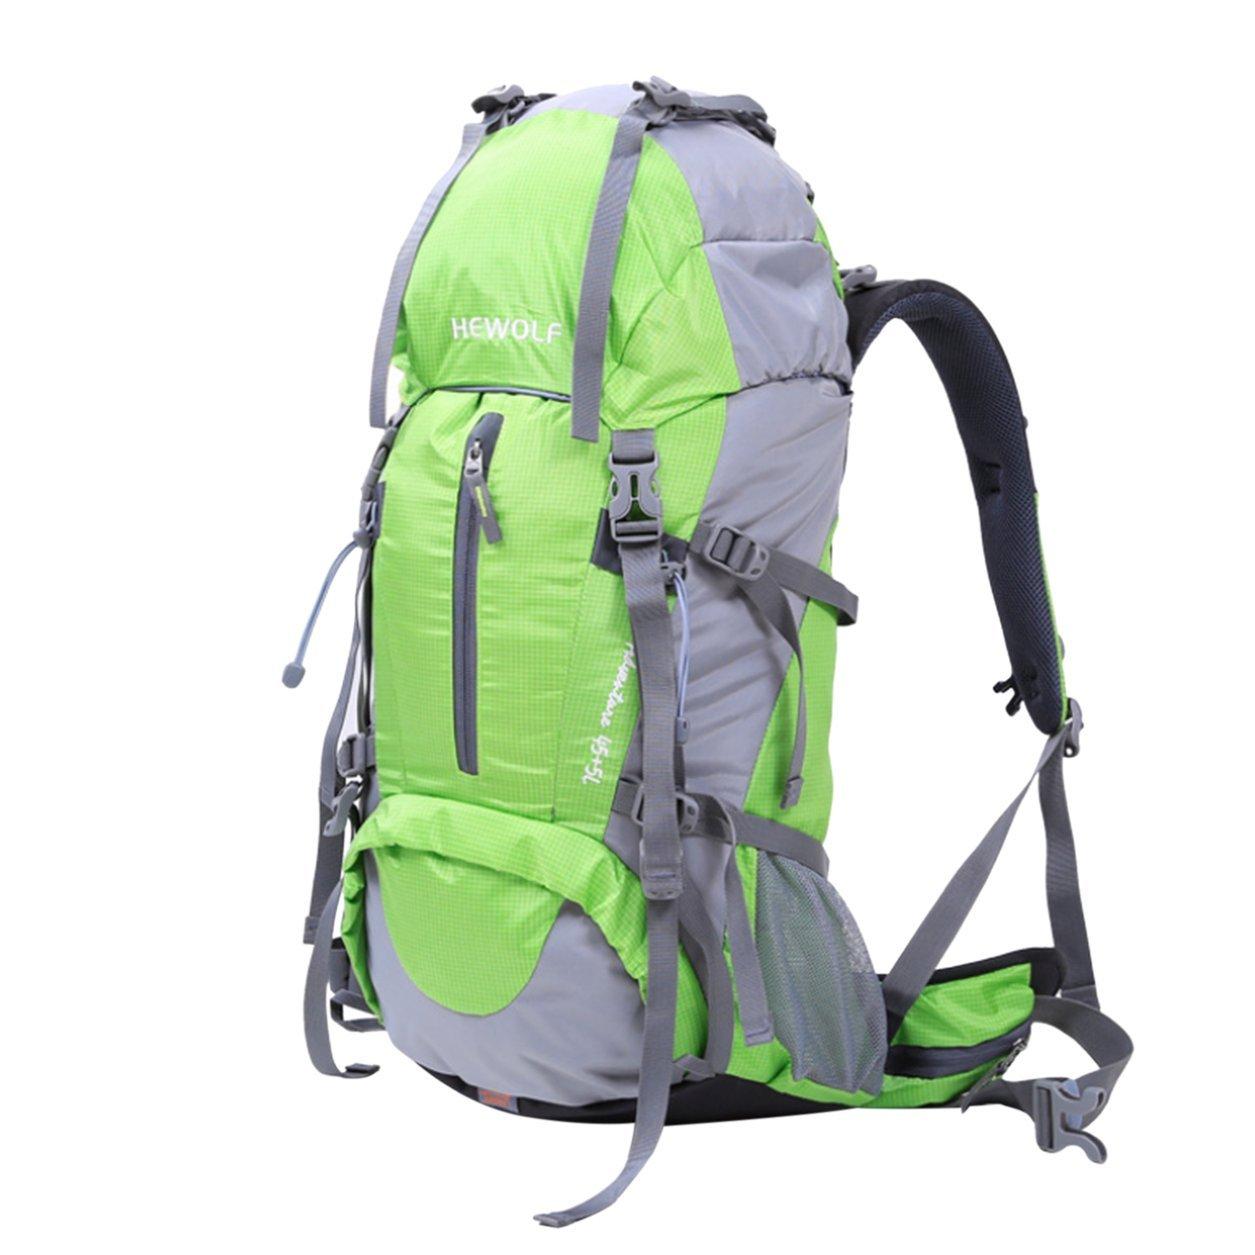 Dailyinshop Mochila de Alpinismo al Aire Libre Multifuncional de Capacidad 50L Bolsas de Hombro (Color: Verde)